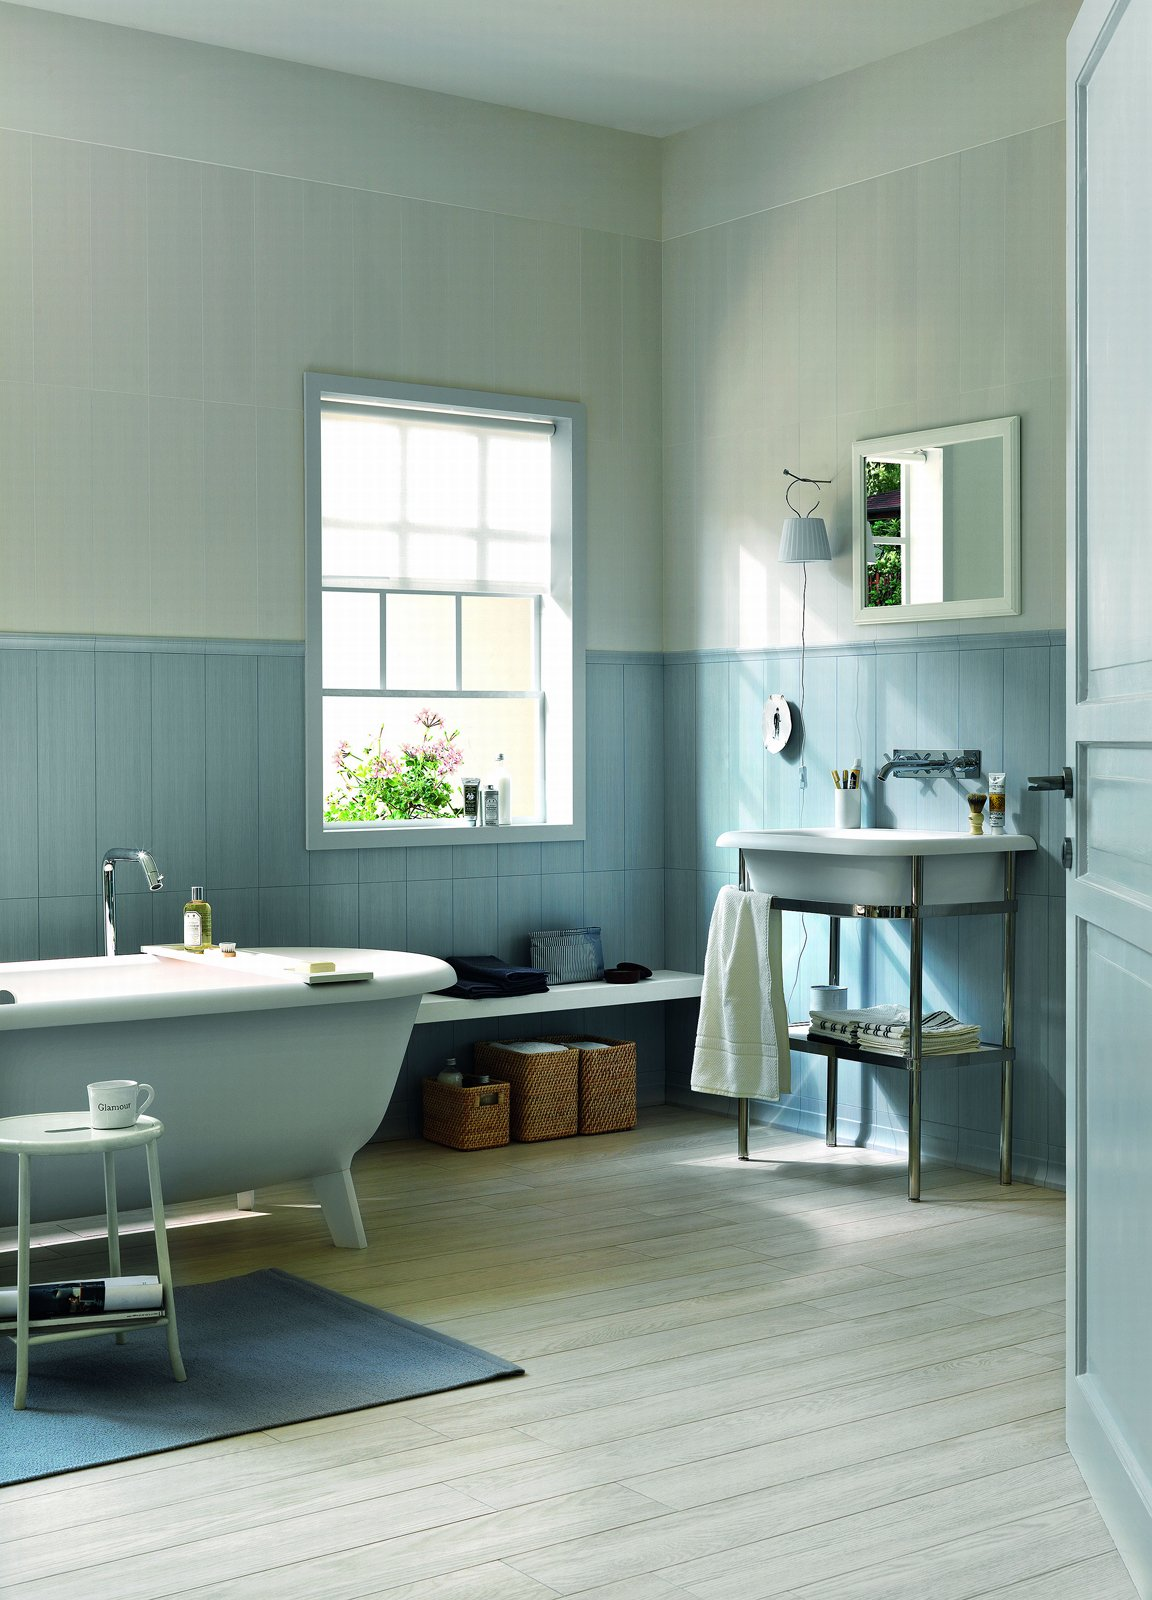 Piastrelle per il bagno tre stili diversi cose di casa - Smalto per pareti bagno ...